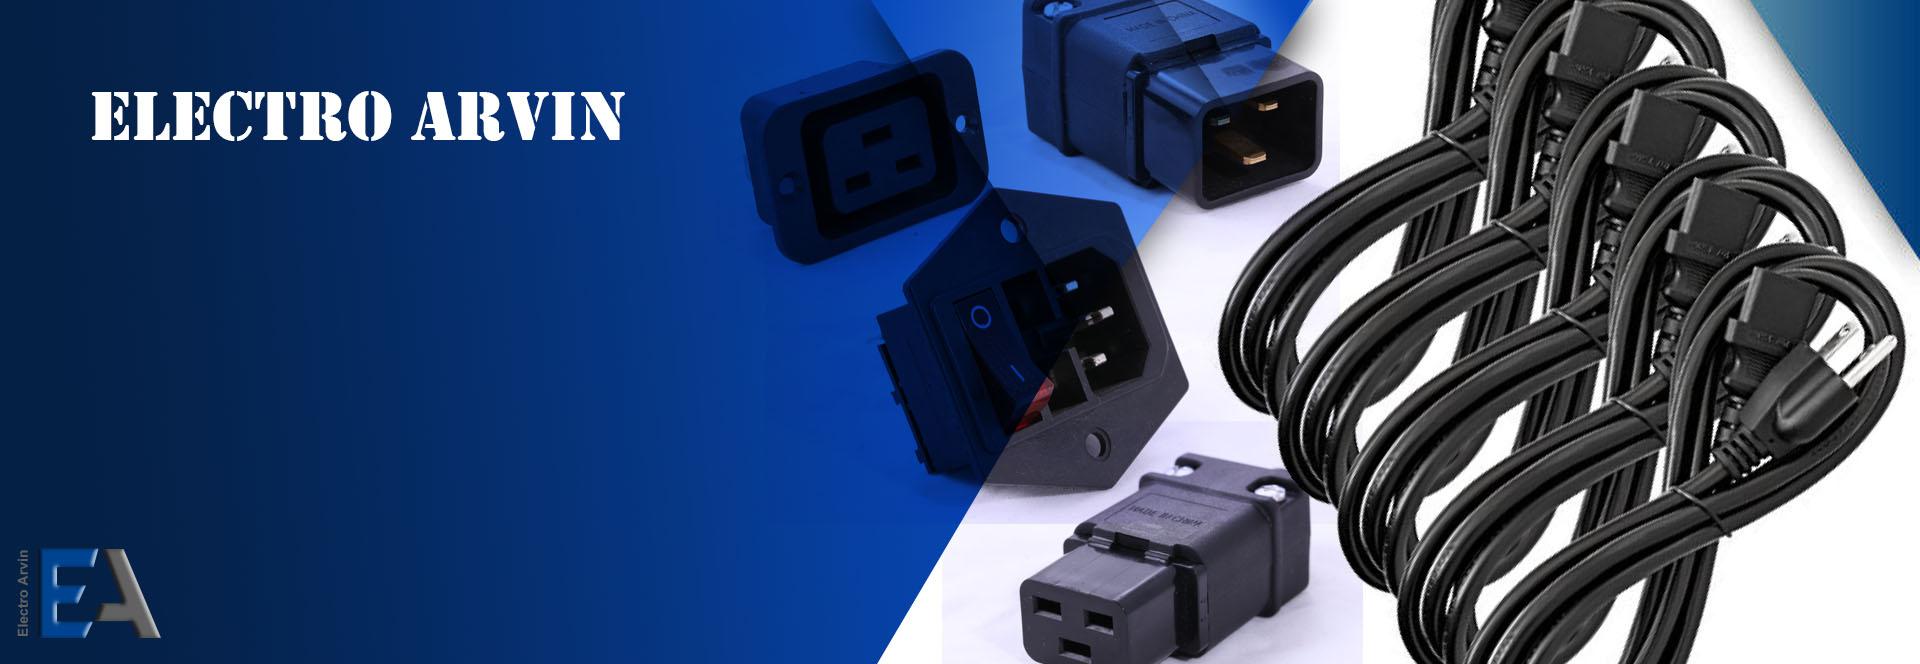 فروش-ویژه-انواع-کابل-و-جک-و-کاپیوتر-لپتاپ-جک-های-و-کابل-های-صنعتی